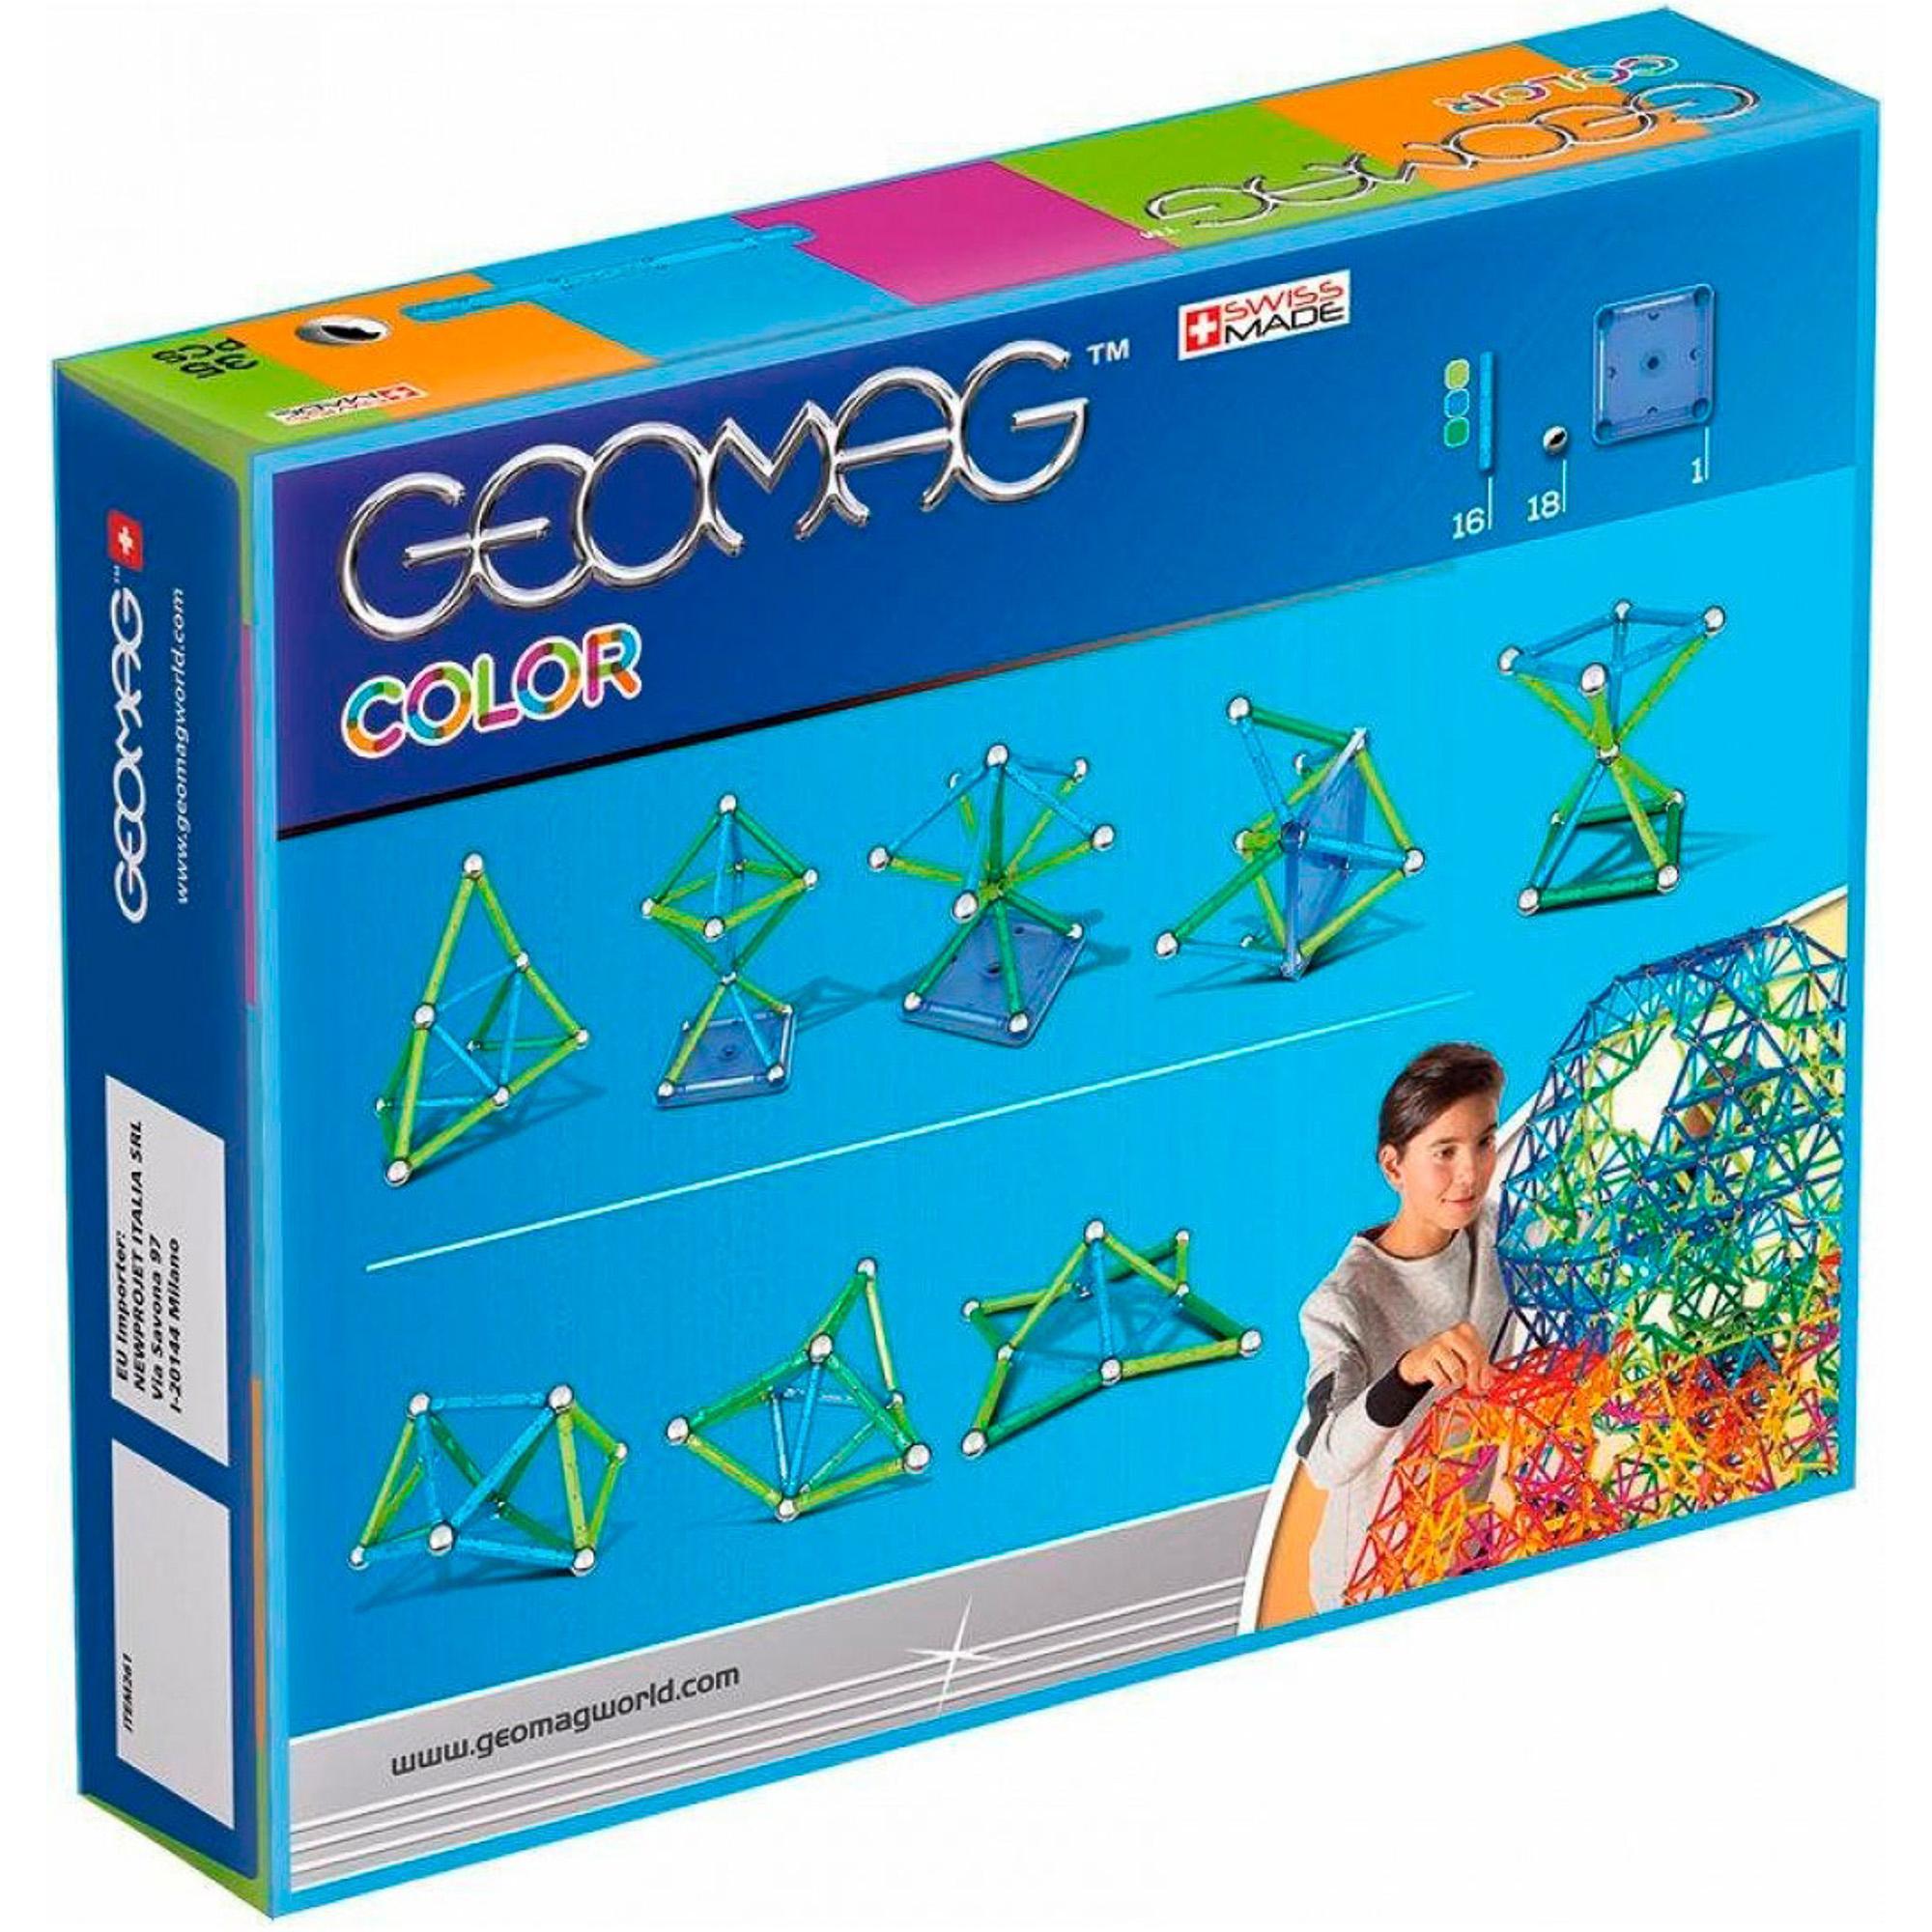 Купить Конструктор магнитный Geomag Color 261, Швейцария, пластик, металл, магнит, универсальный, Конструкторы, пазлы